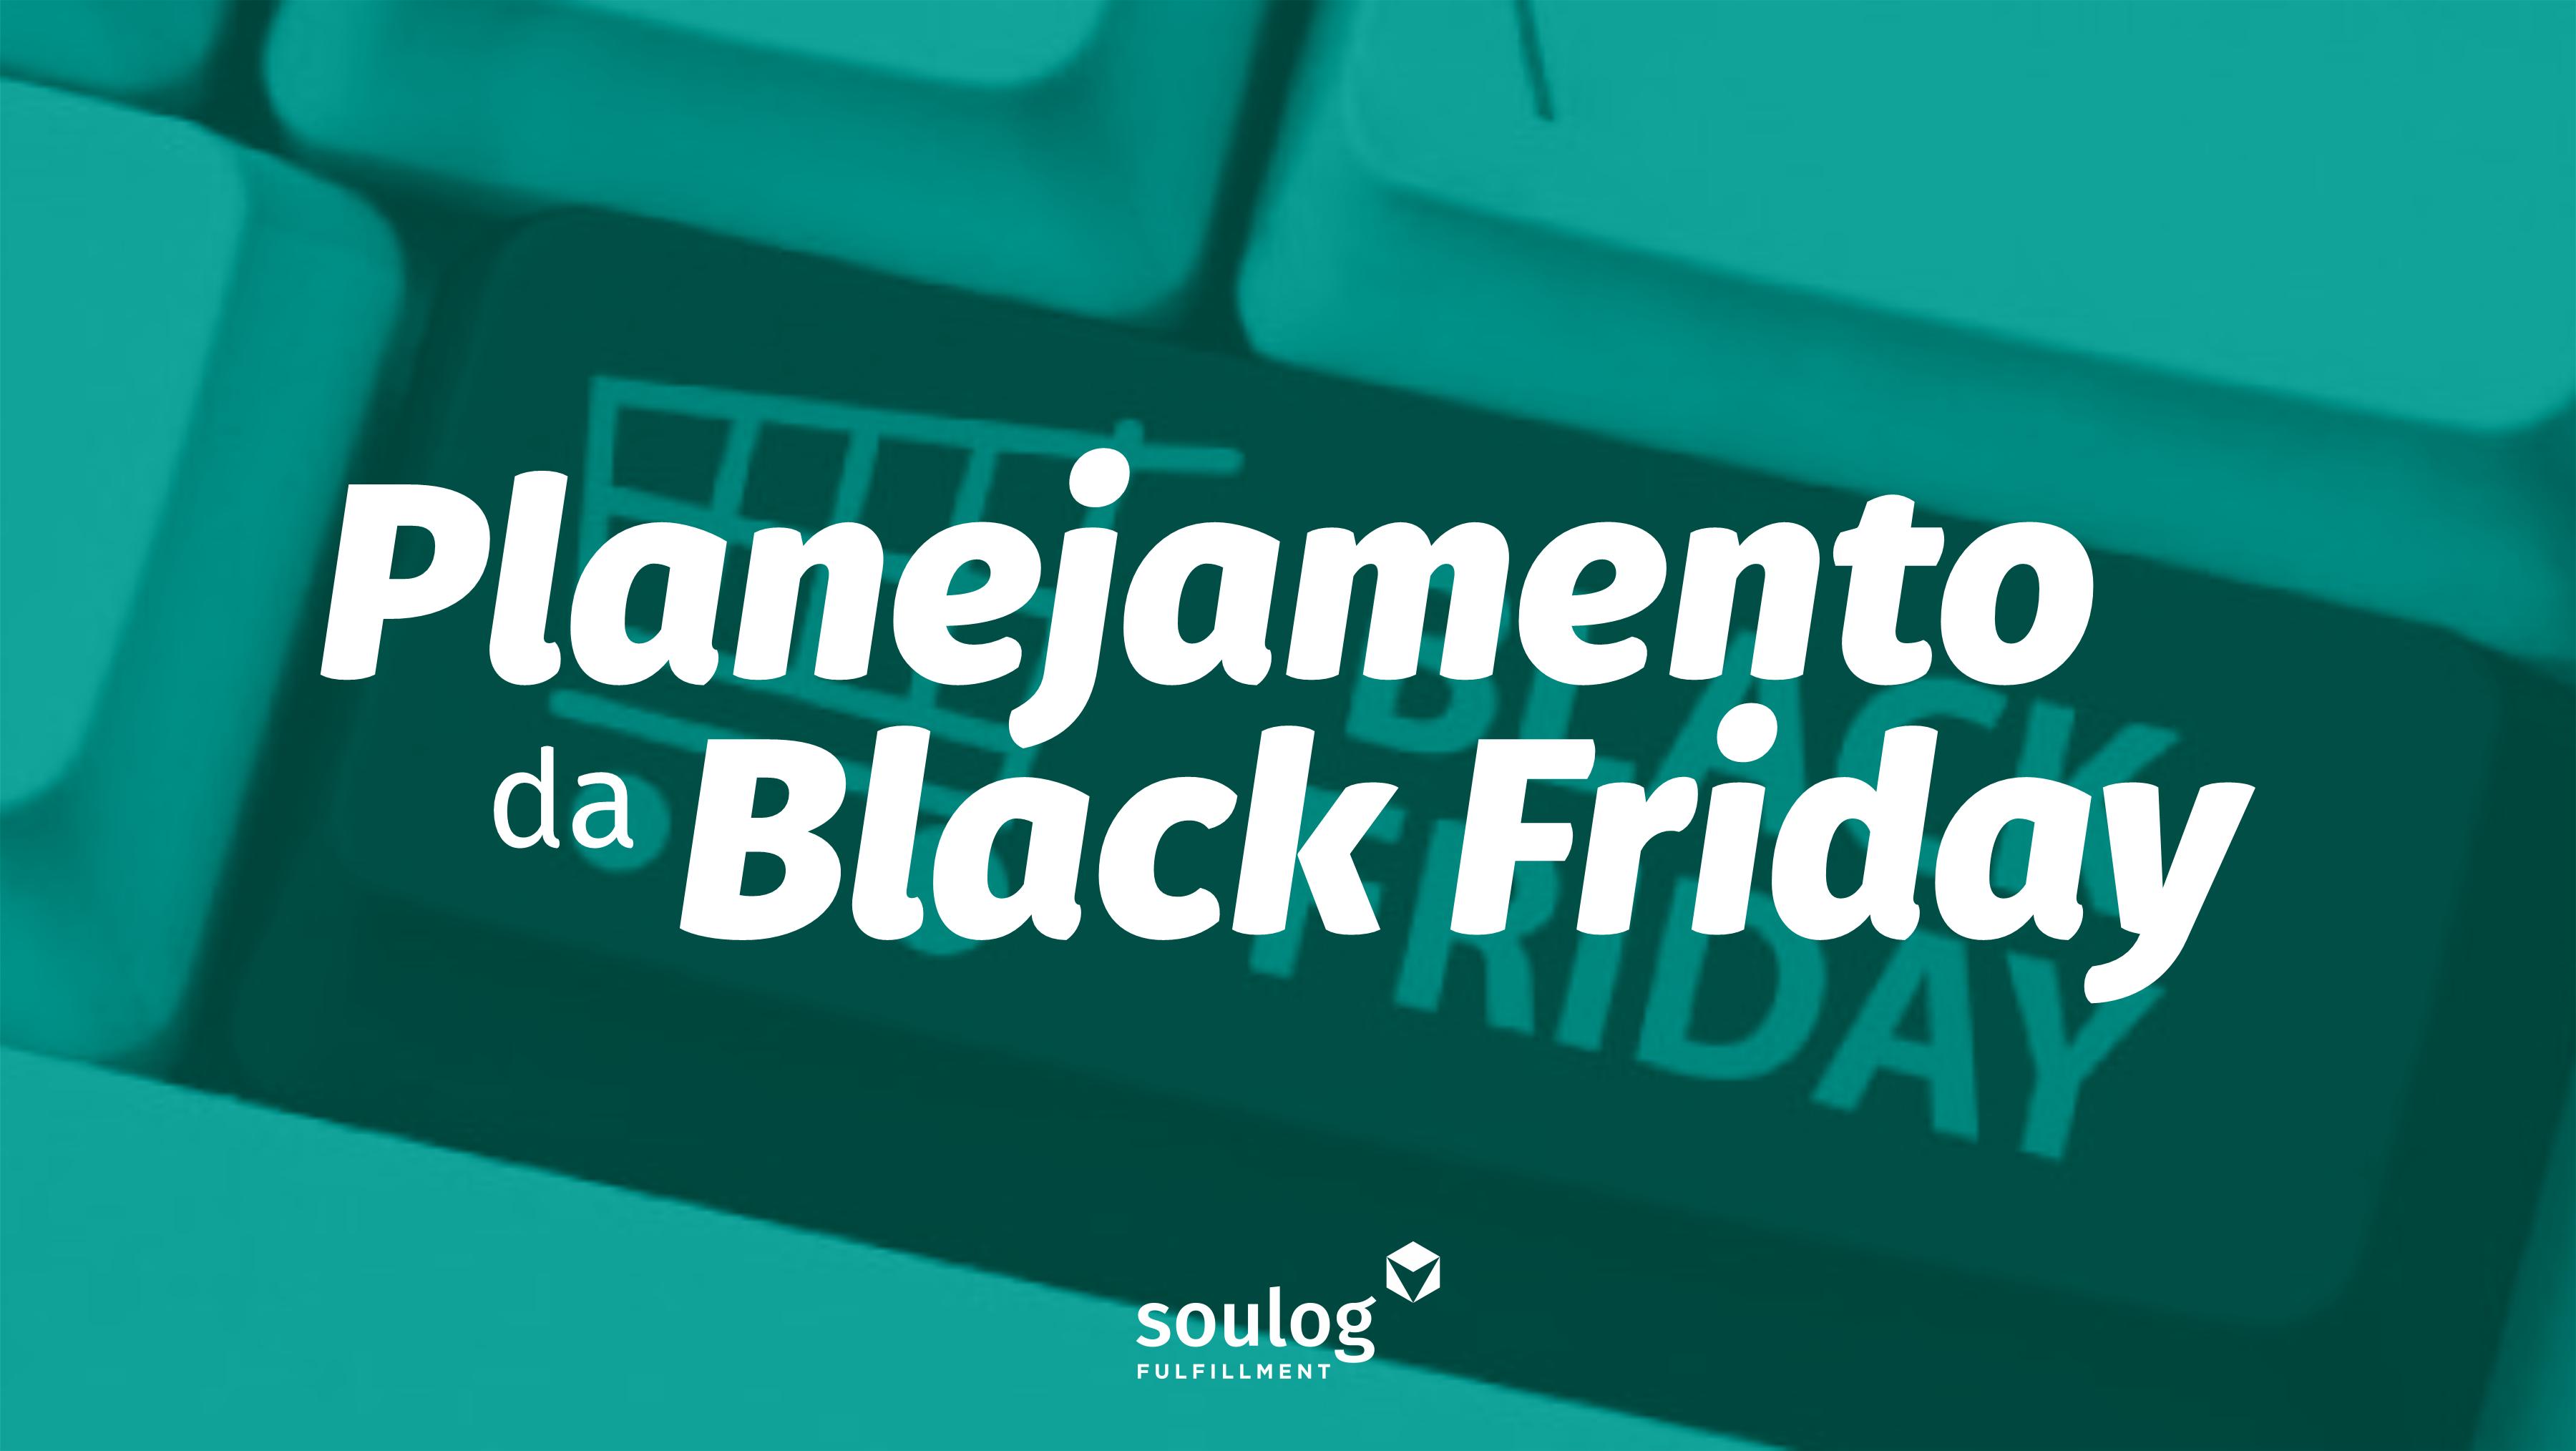 Planejamento Black Friday